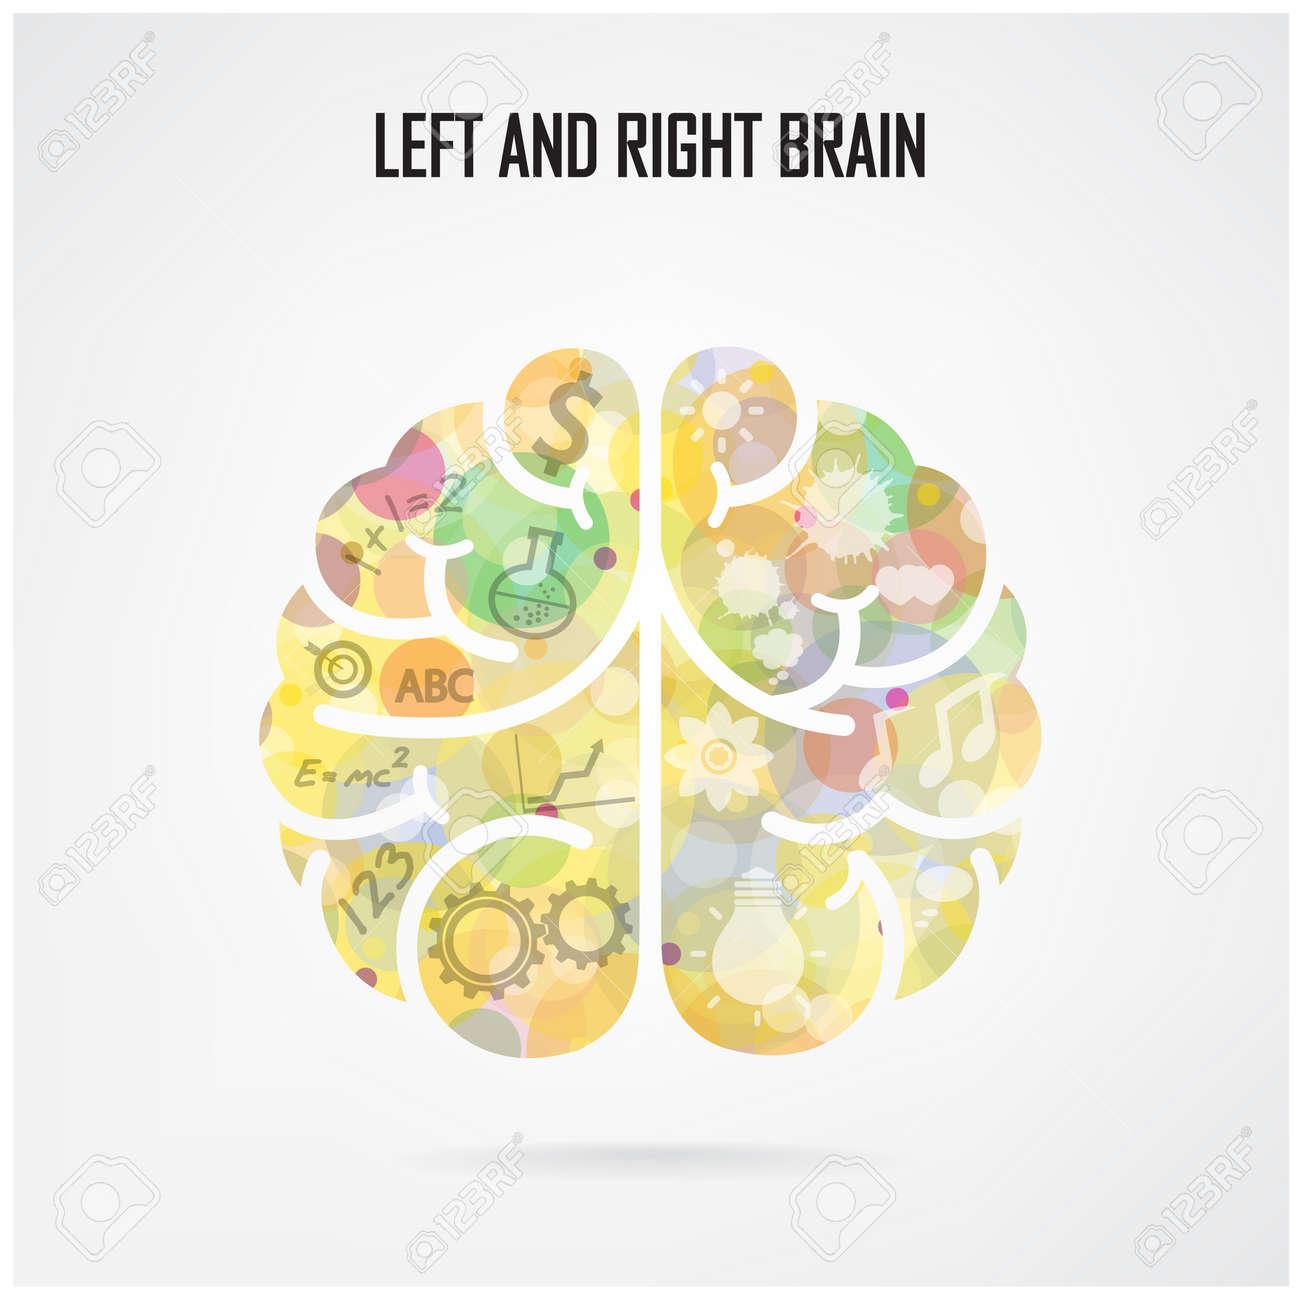 創造的な脳のアイデア概念ポスター チラシ カバー パンフレット